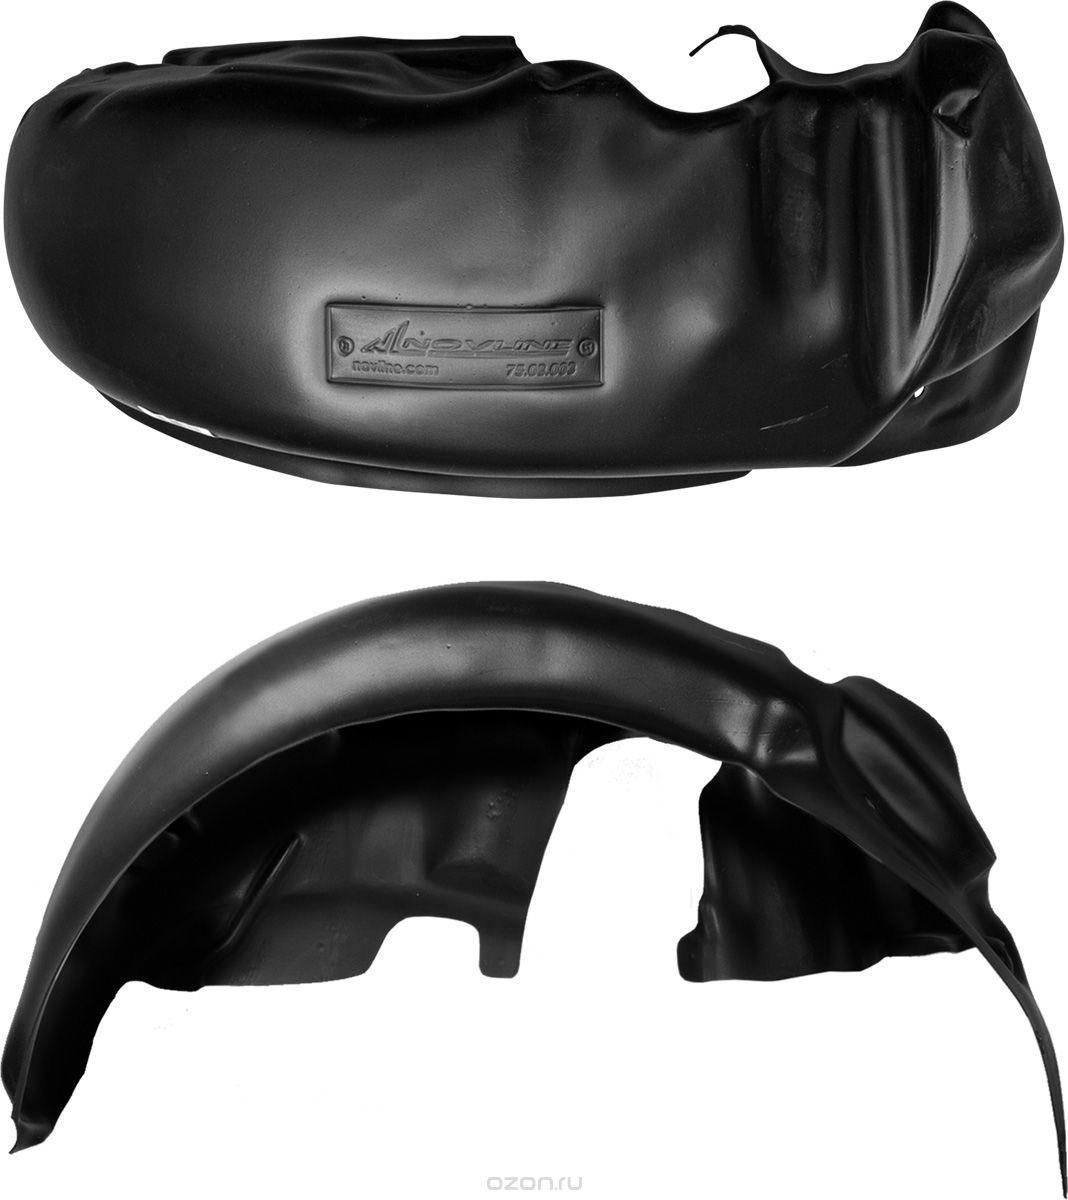 Подкрылок Novline-Autofamily, для LADA Vesta, 2015->, сед., со штатным войлоком, задний левый234100Идеальная защита колесной ниши. Локеры разработаны с применением цифровых технологий, гарантируют максимальную повторяемость поверхности арки. Изделия устанавливаются без нарушения лакокрасочного покрытия автомобиля, каждый подкрылок комплектуется крепежом. Уважаемые клиенты, обращаем ваше внимание, что фотографии на подкрылки универсальные и не отражают реальную форму изделия. При этом само изделие идет точно под размер указанного автомобиля.